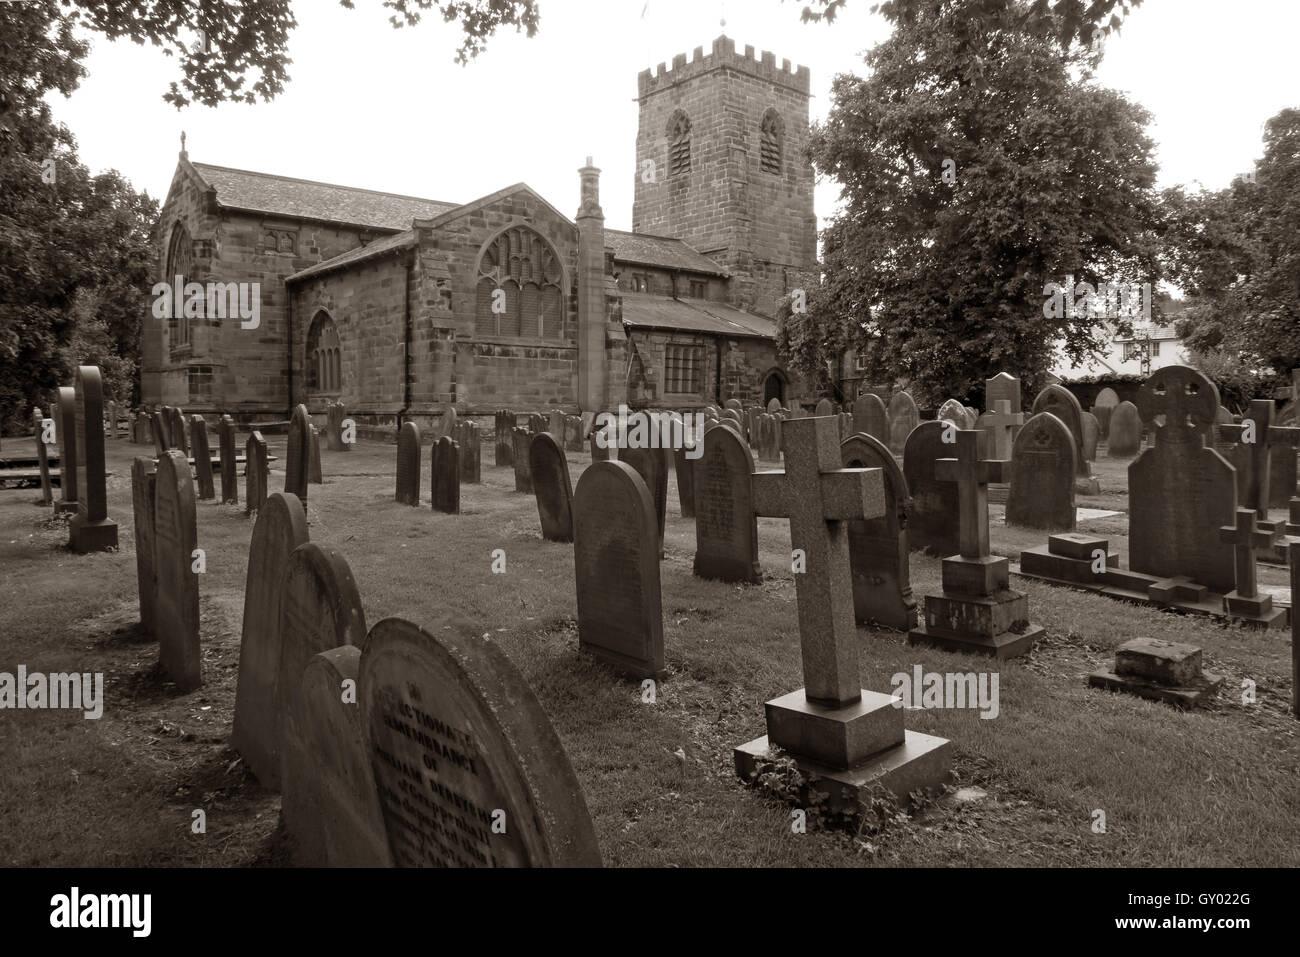 Laden Sie dieses Alamy Stockfoto Außenseite des St Wilfrids Kirche, Grappenhall, Warrington, Cheshire England UK s/w - GY022G